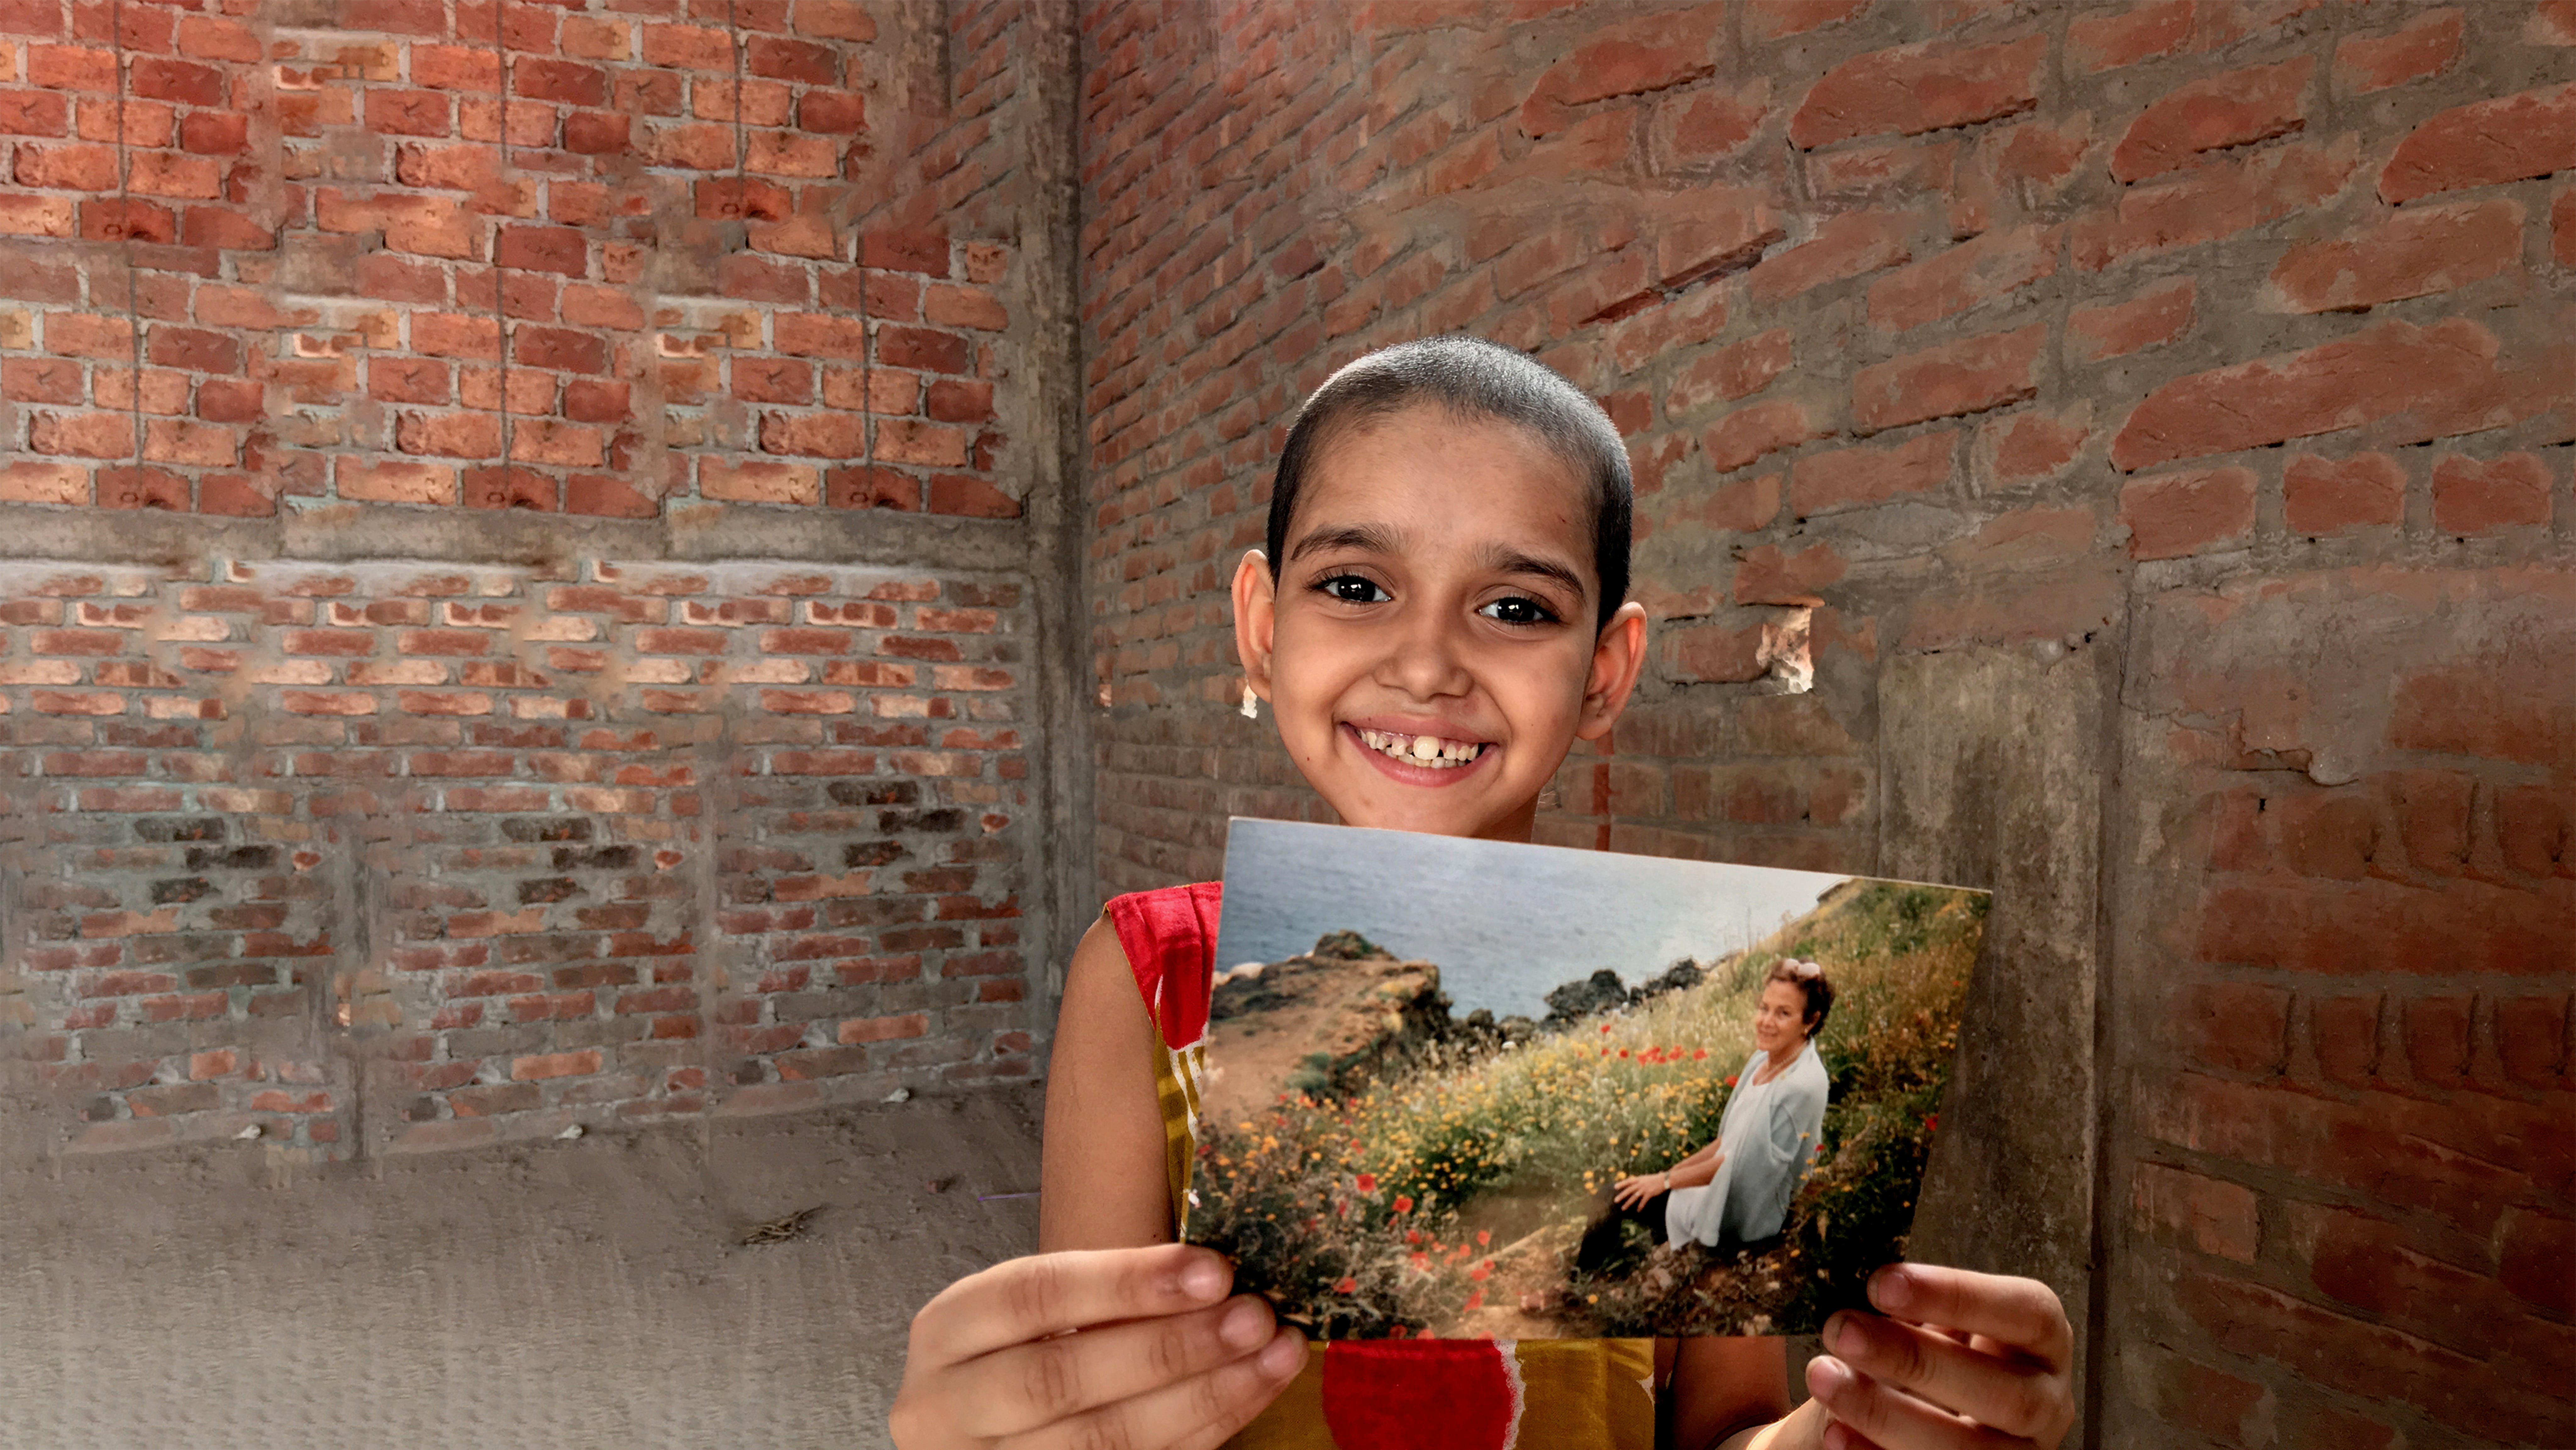 Bambina tiene in mano la foto di una donna - donazioni in memoria